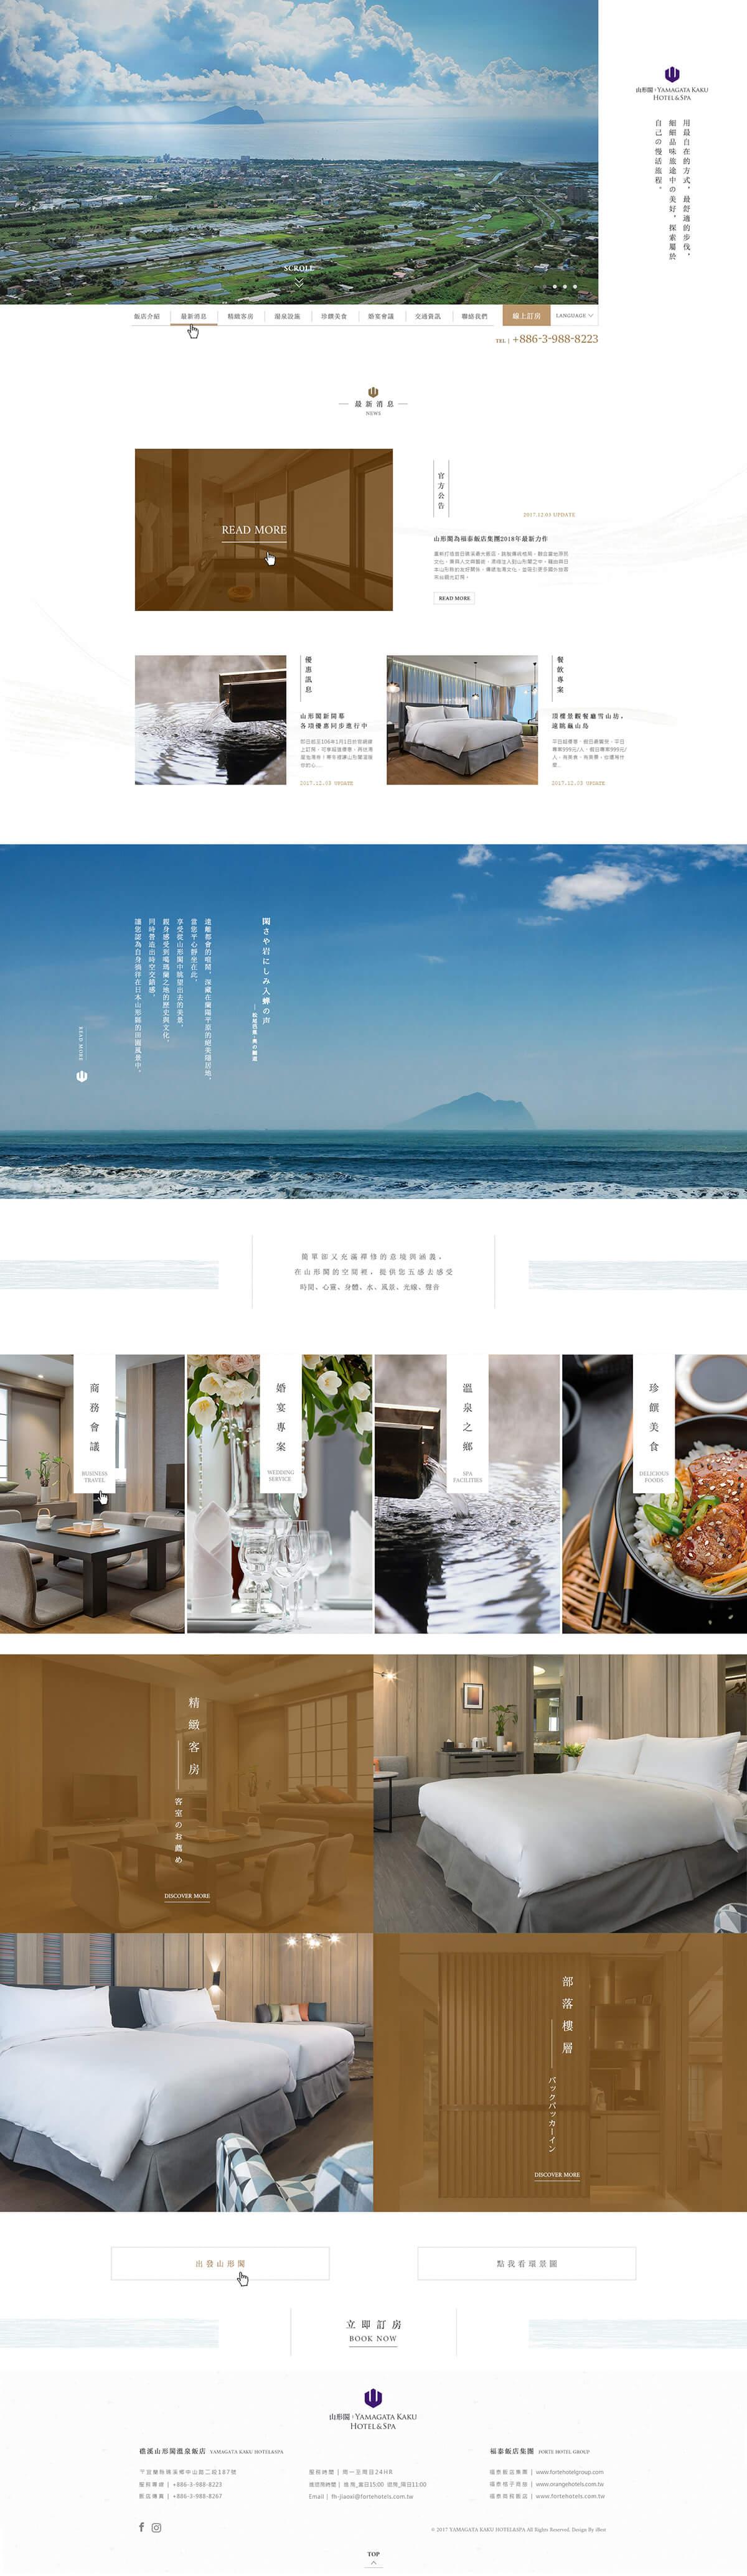 礁溪山形閣溫泉飯店-網頁設計